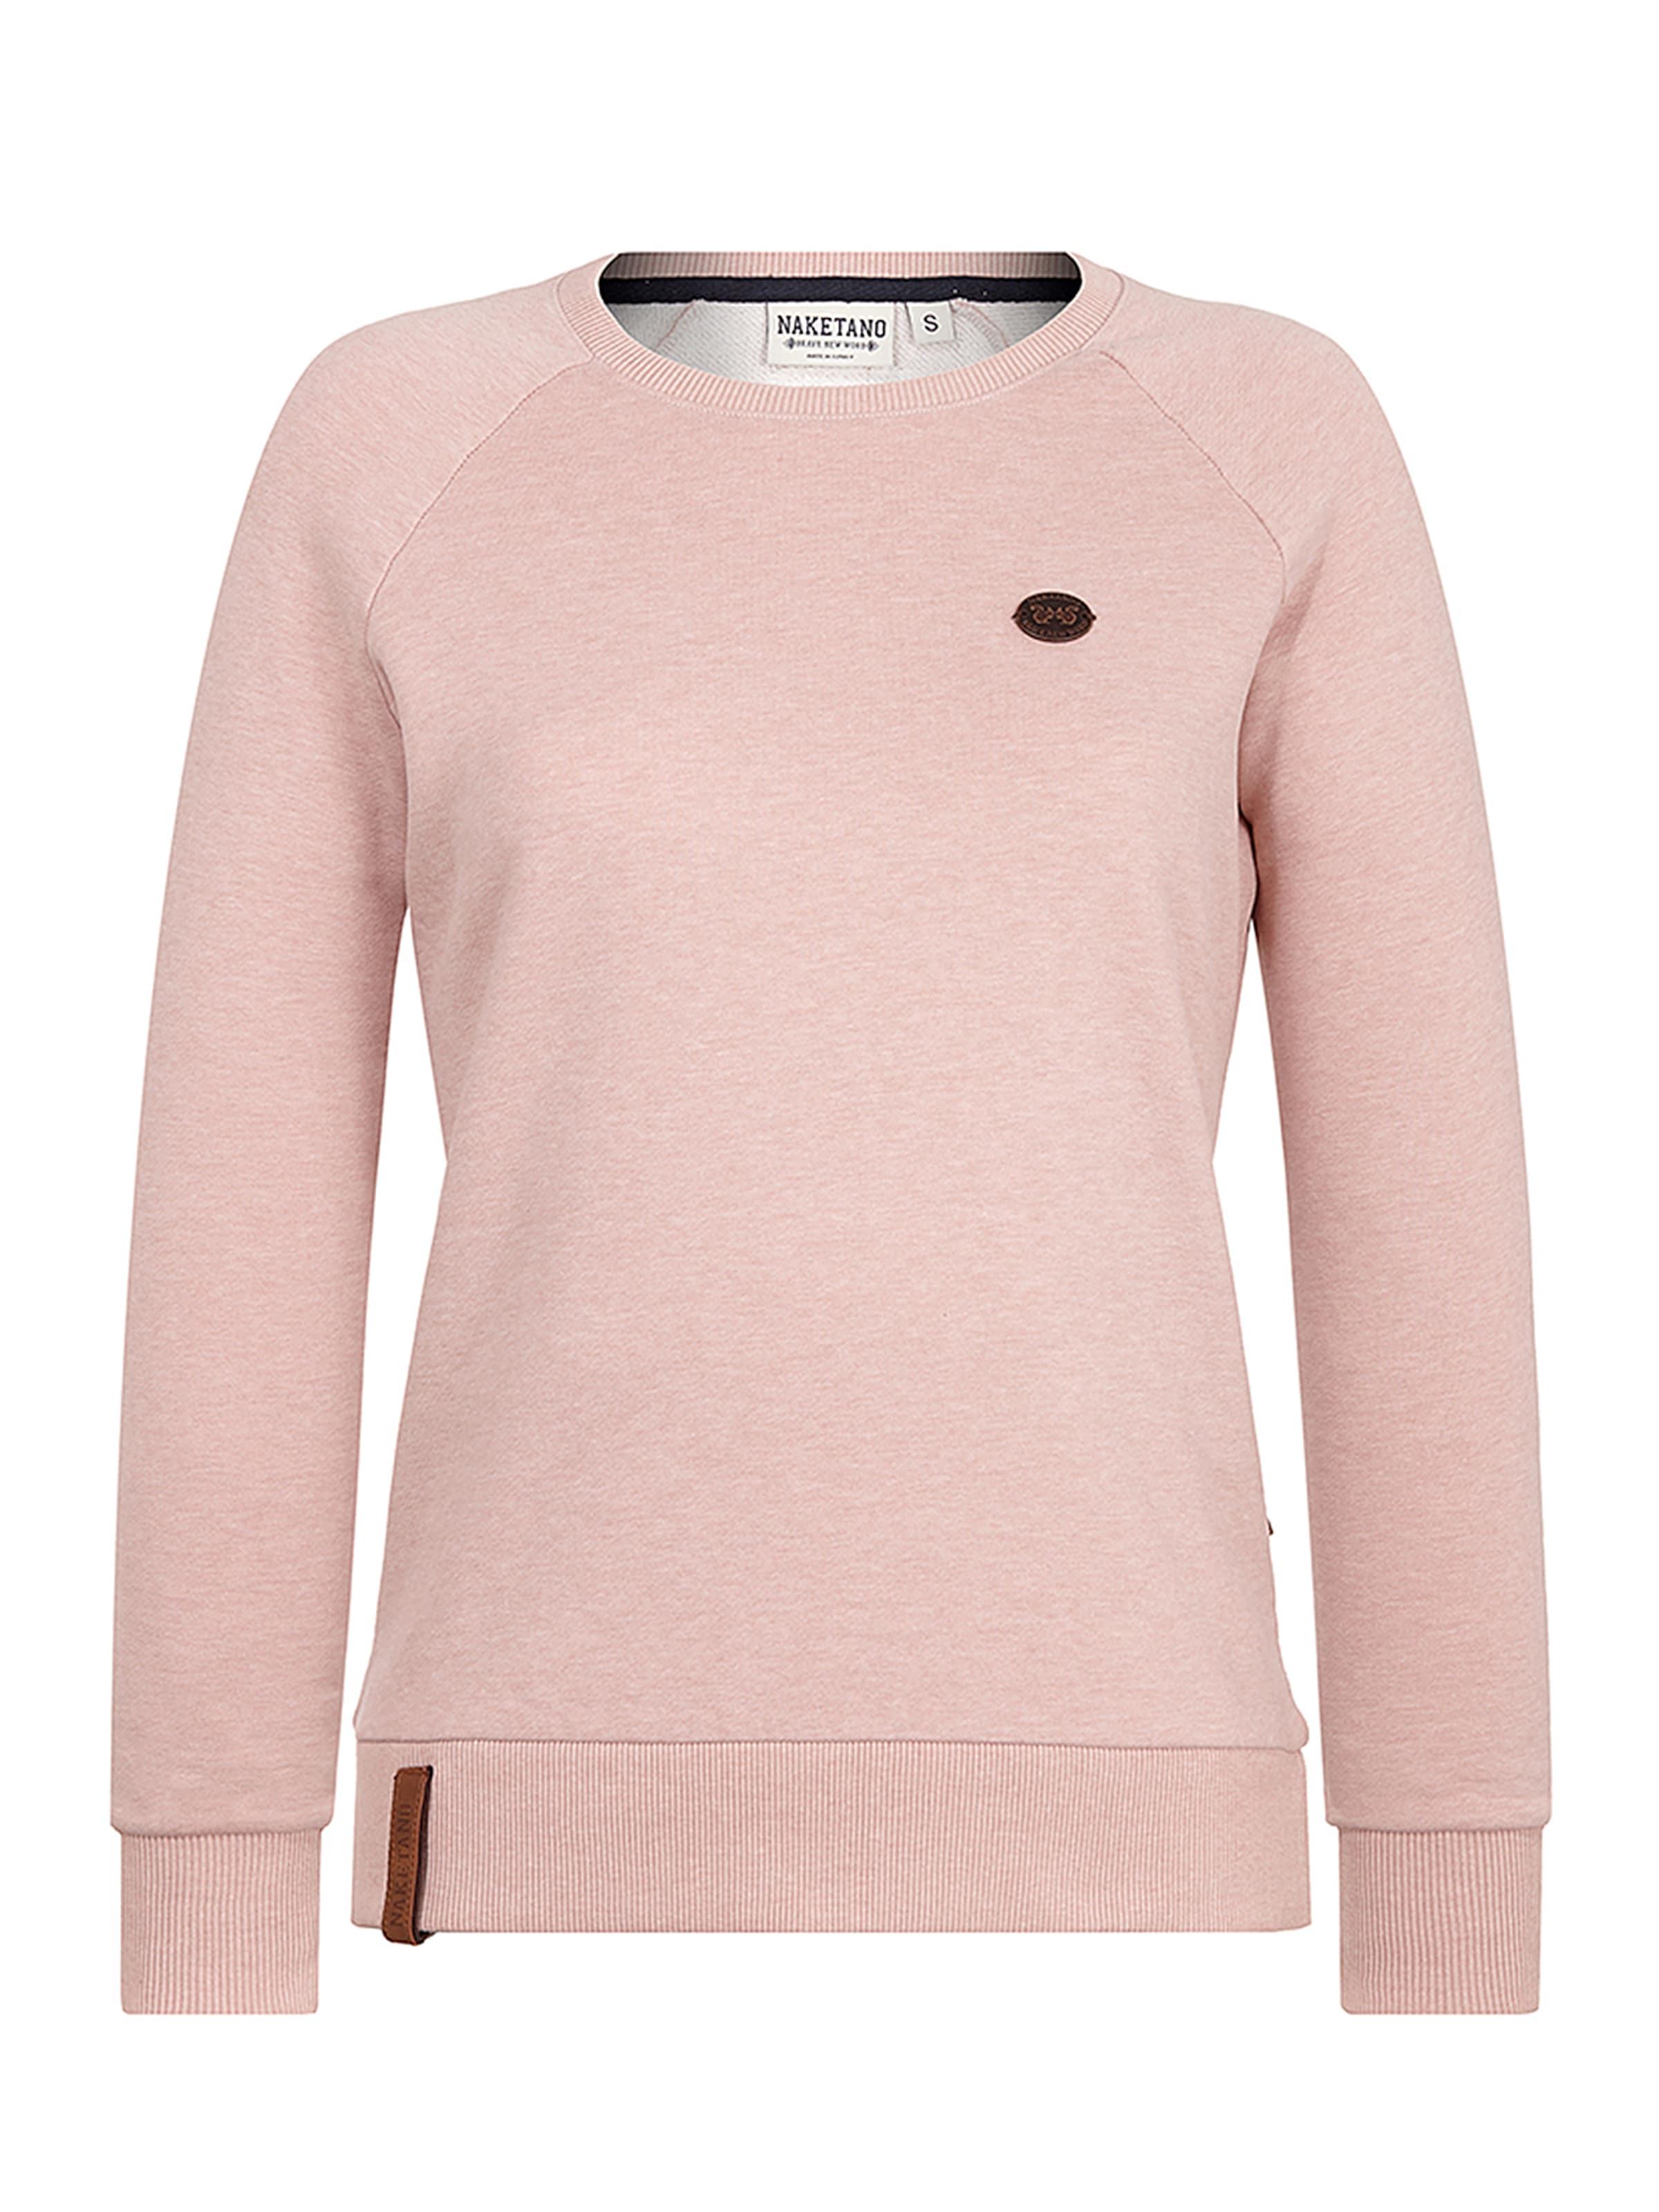 shirt Rose Pastel Naketano En Sweat XOkiTPZu